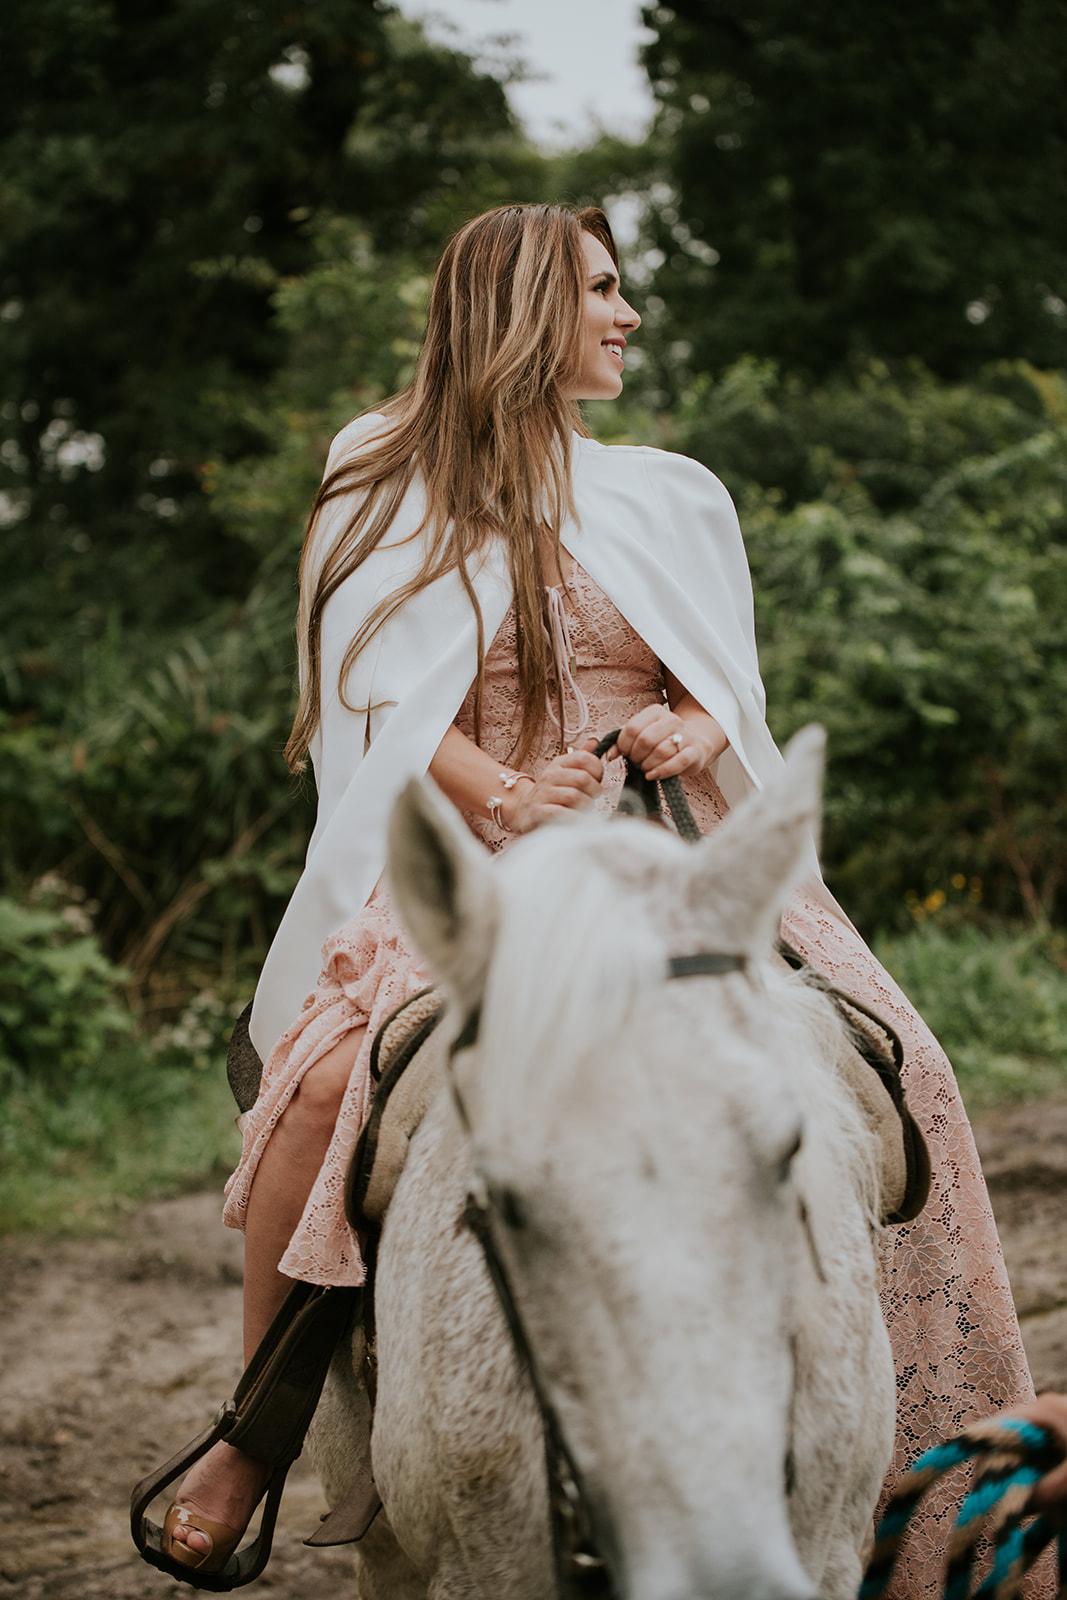 Le Cape Weddings - Boho Styled Shoot - Bride on Horse -1.jpg